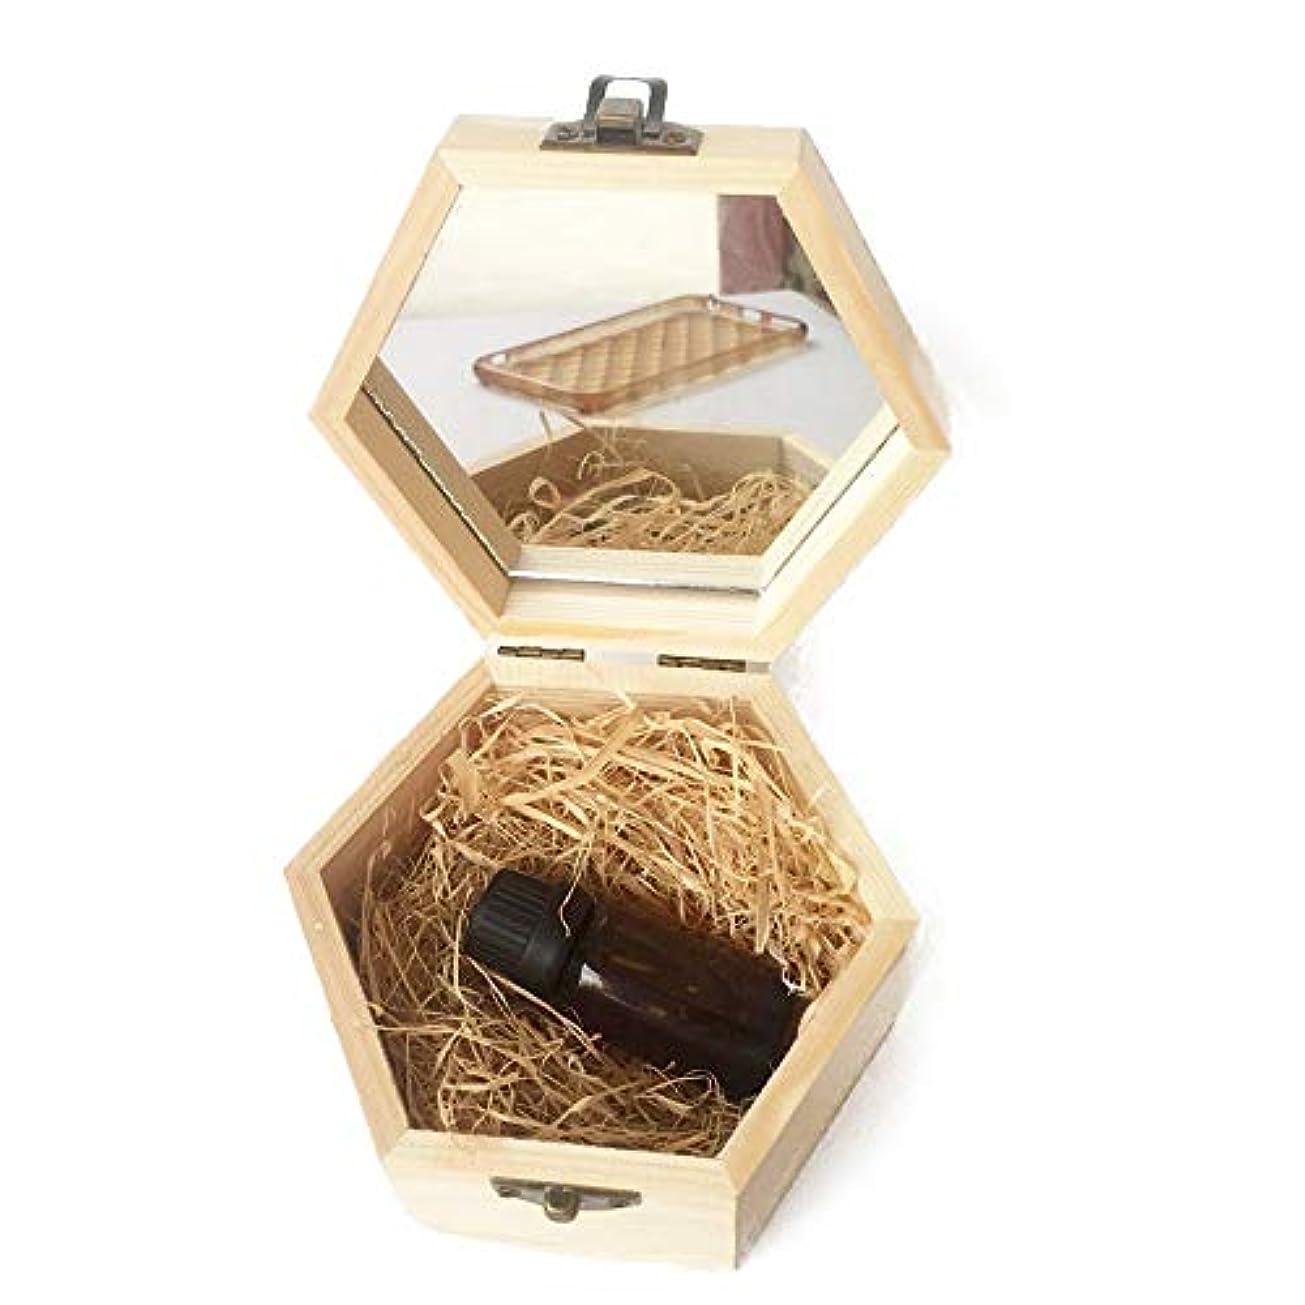 マーカー死すべきセイはさておきエッセンシャルオイルの保管 アロマセラピーのエッセンシャルオイル木箱の品質収納ケース (色 : Natural, サイズ : 13X11.3X6.8CM)